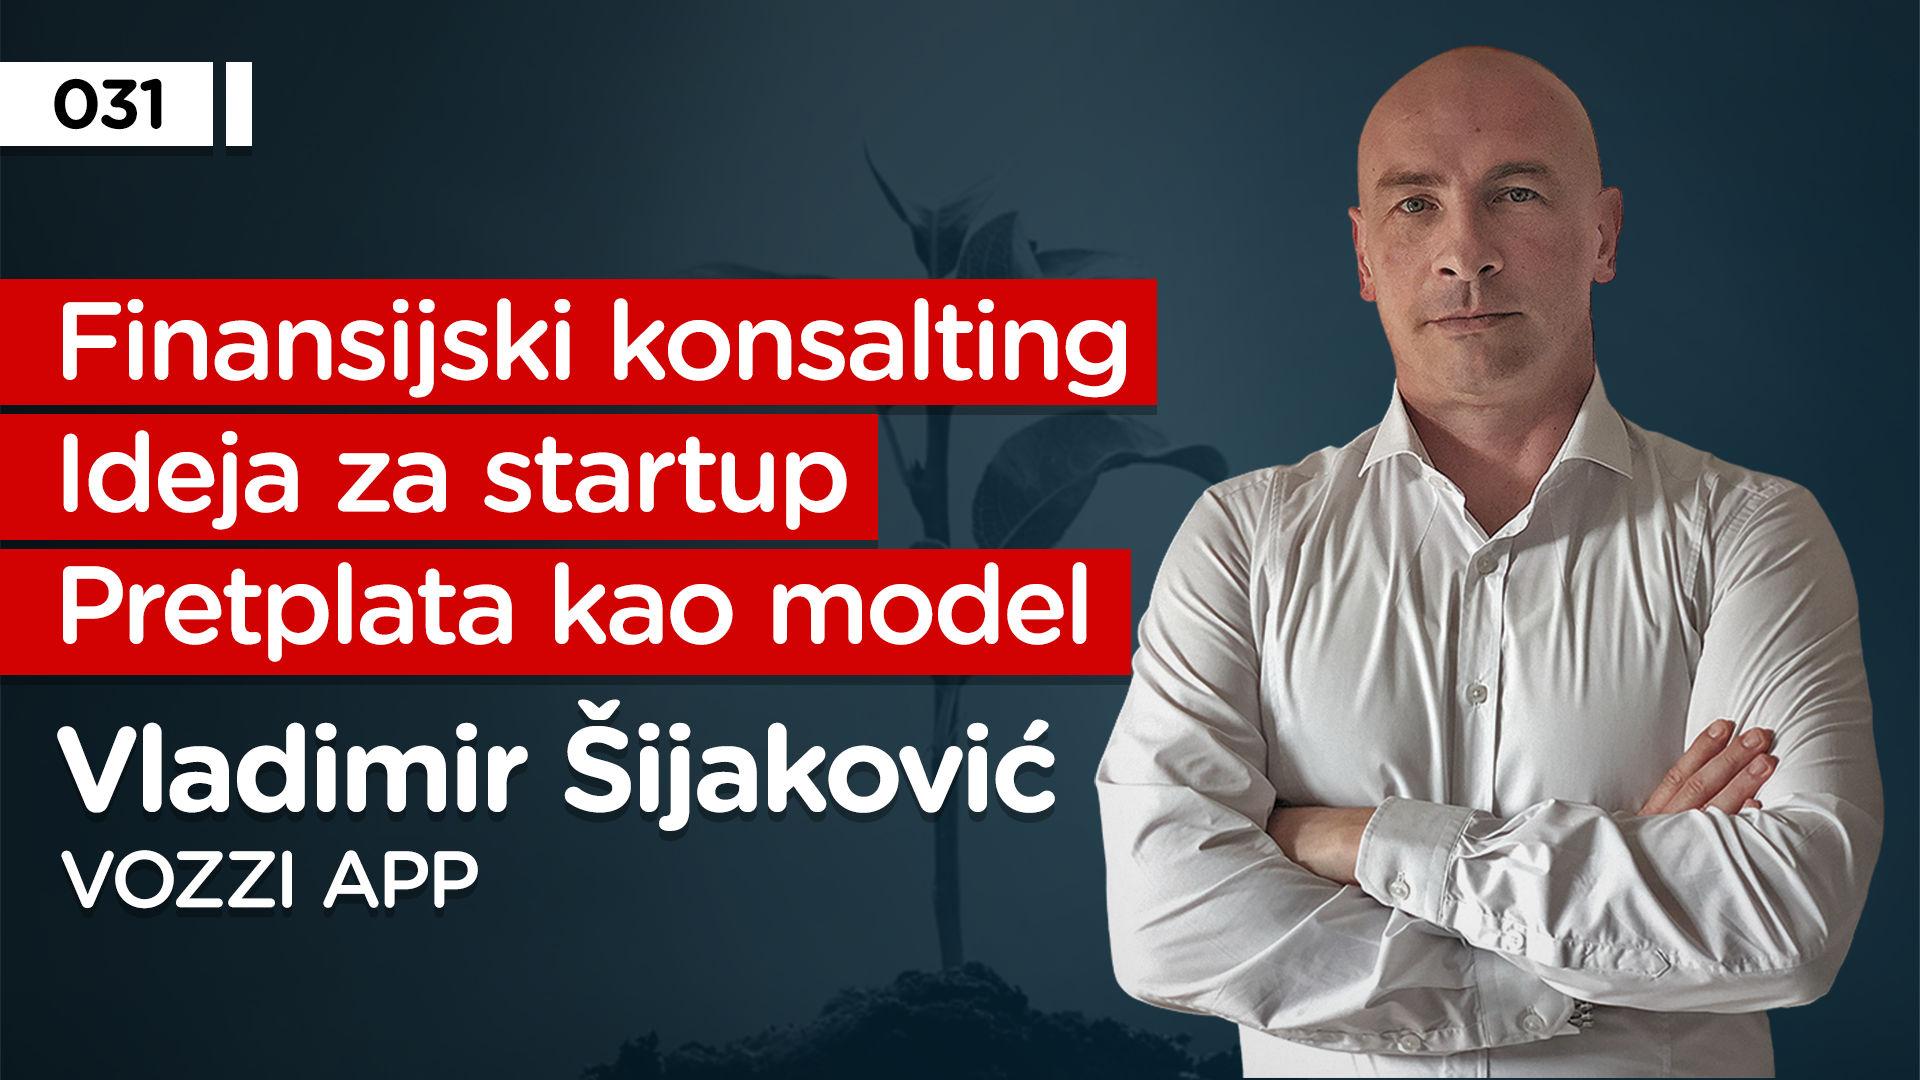 EP031: Vladimir Šijaković